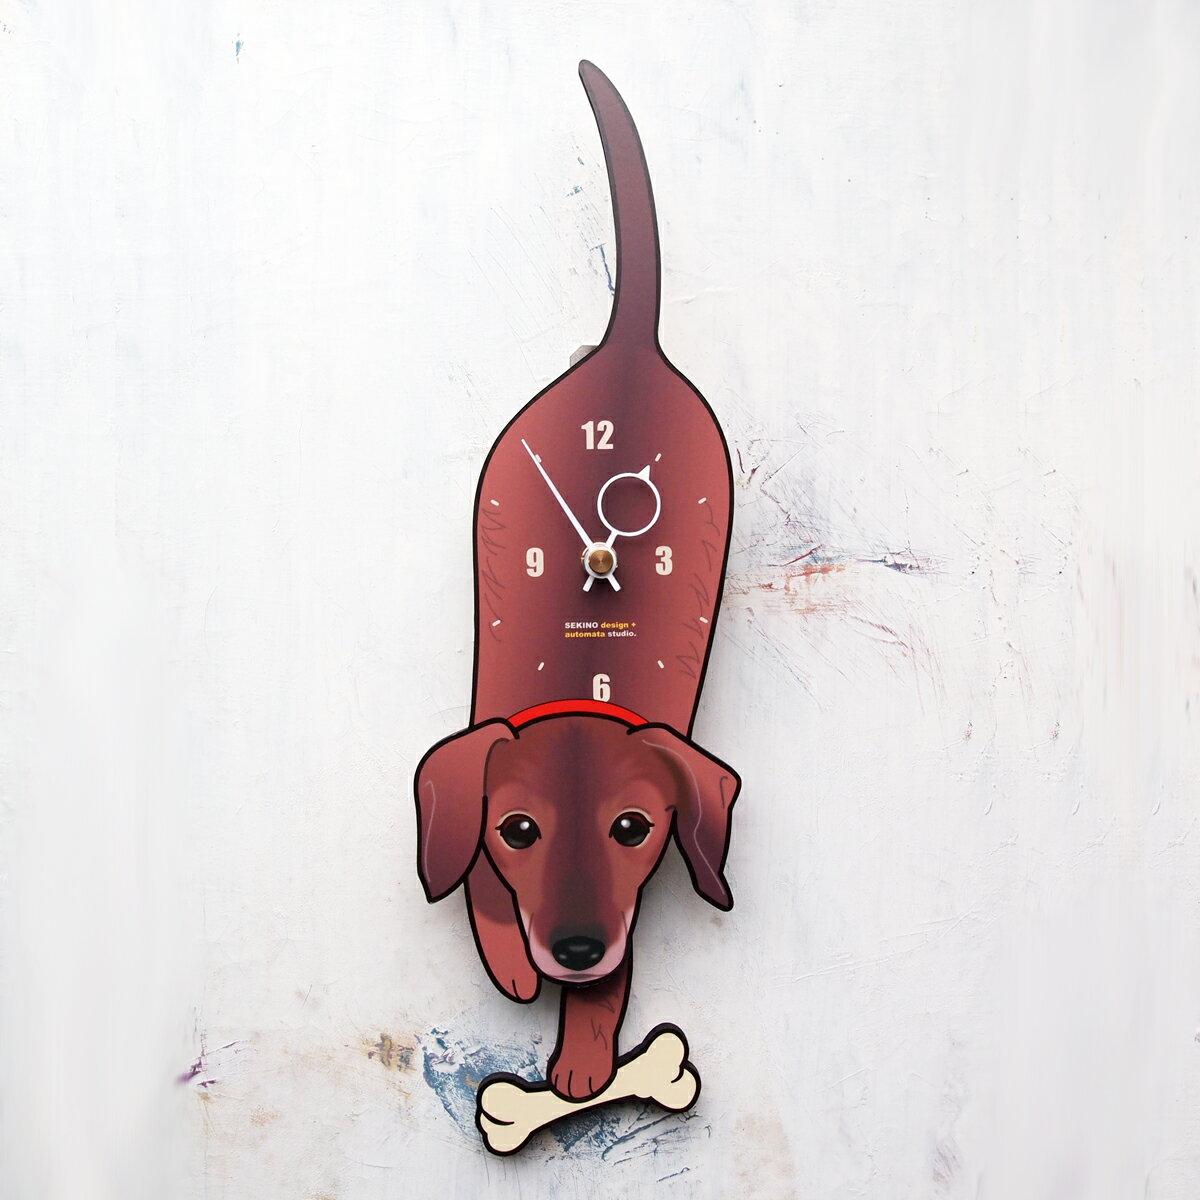 【ふるさと納税】D-44 スムースダックス-犬の振り子時計